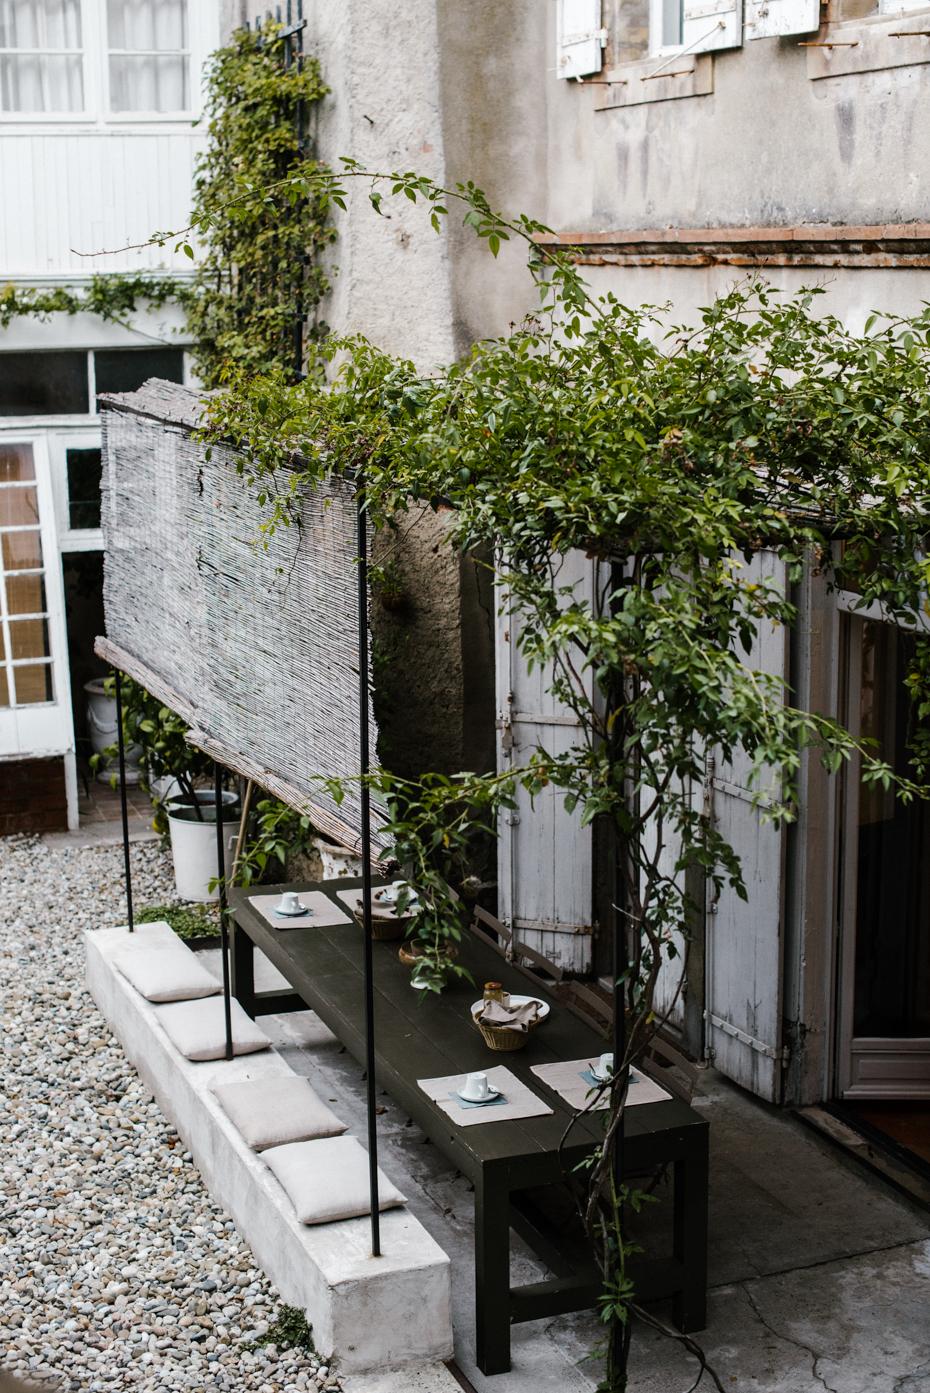 Le sedute in cemento: una interessante soluzione per sfruttare e rendere piacevoli gli sbalzi di piani